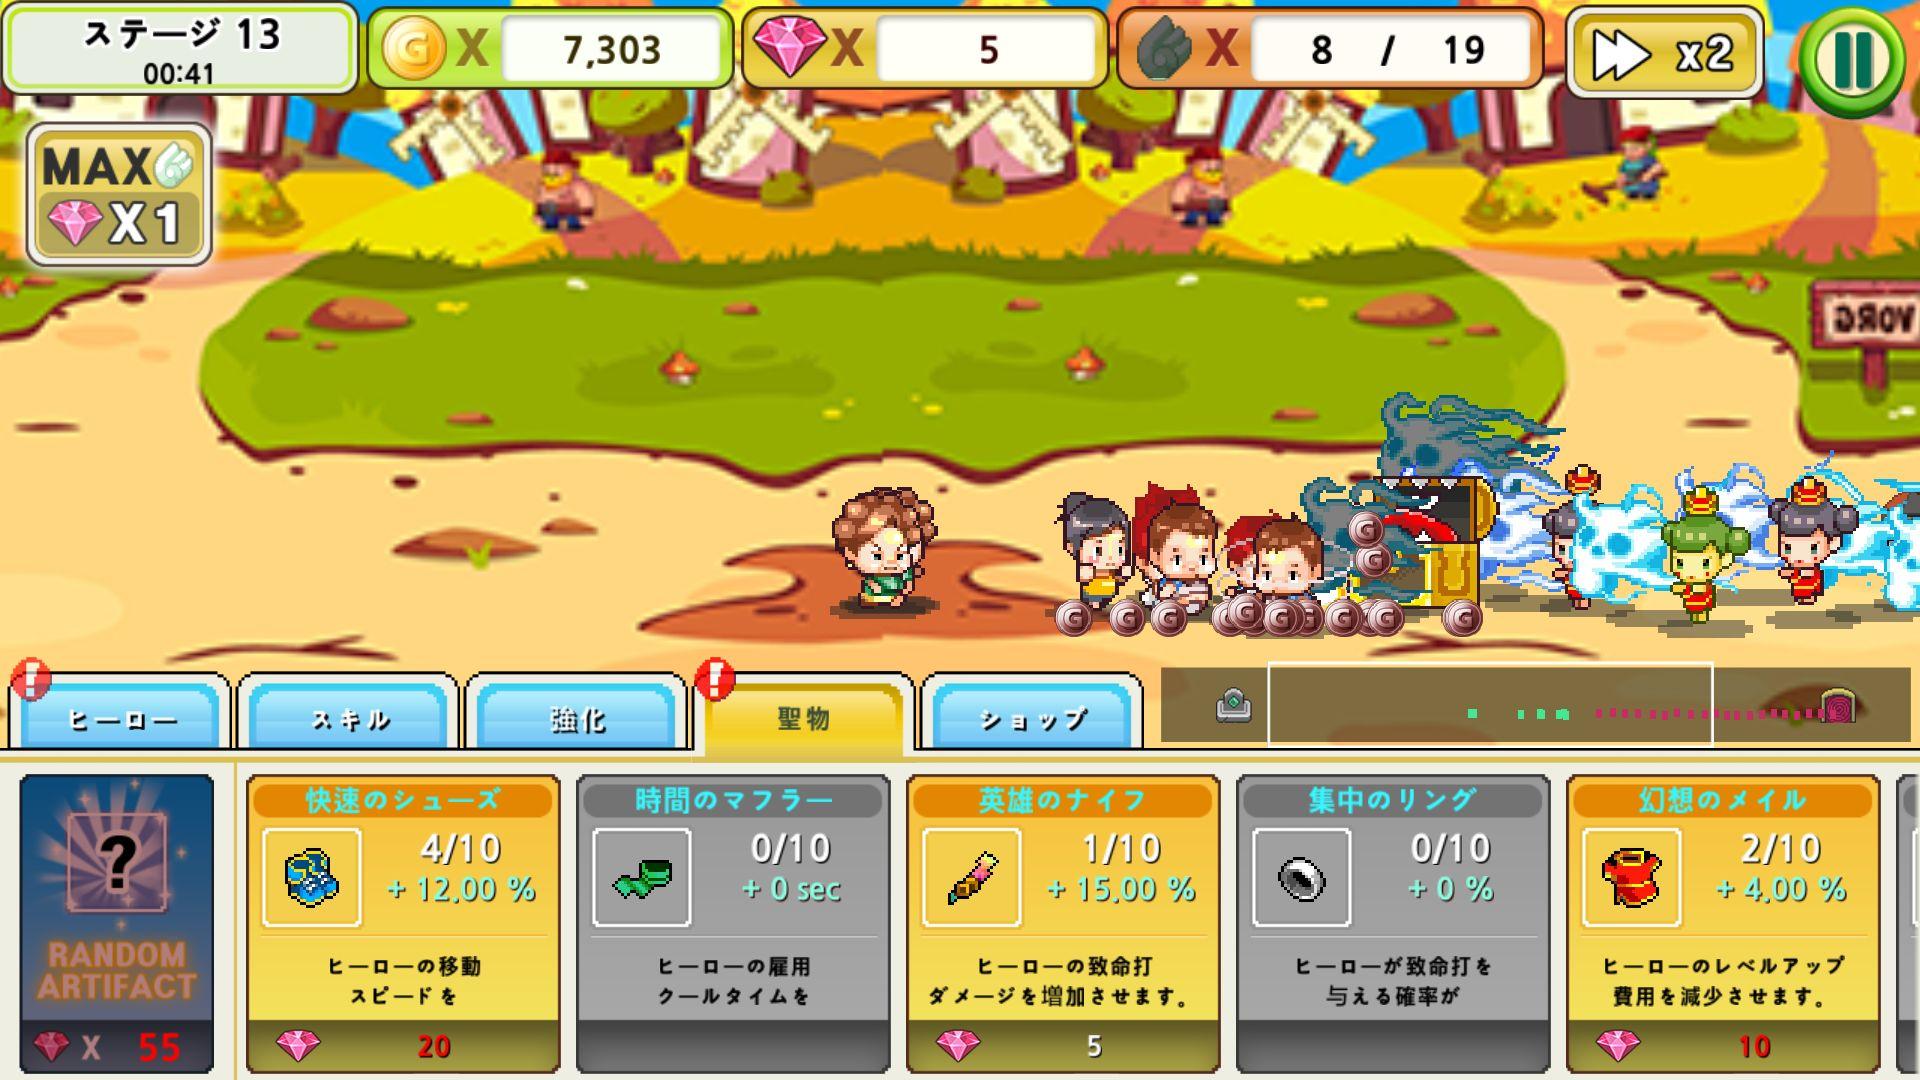 ドットファミリ RPG androidアプリスクリーンショット3